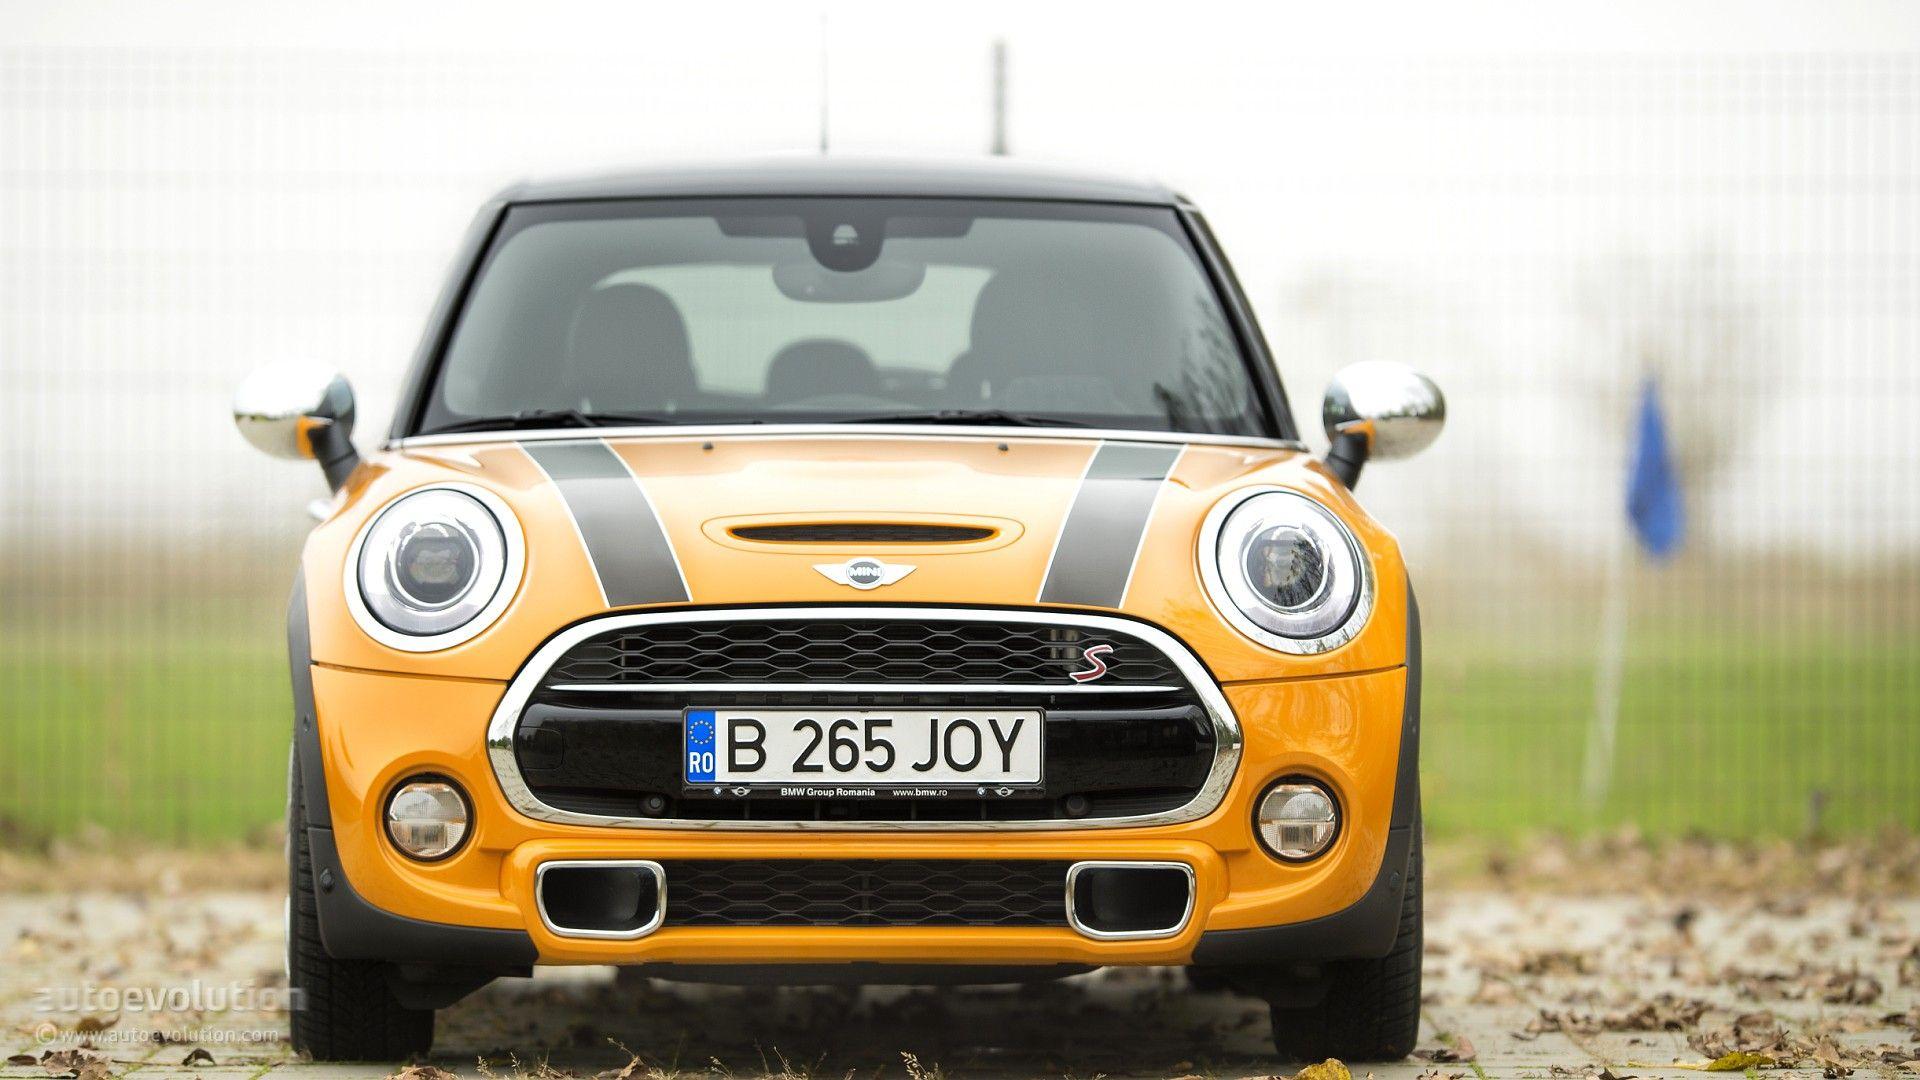 2014 mini cooper s hardtop 5 door review http www autoevolution